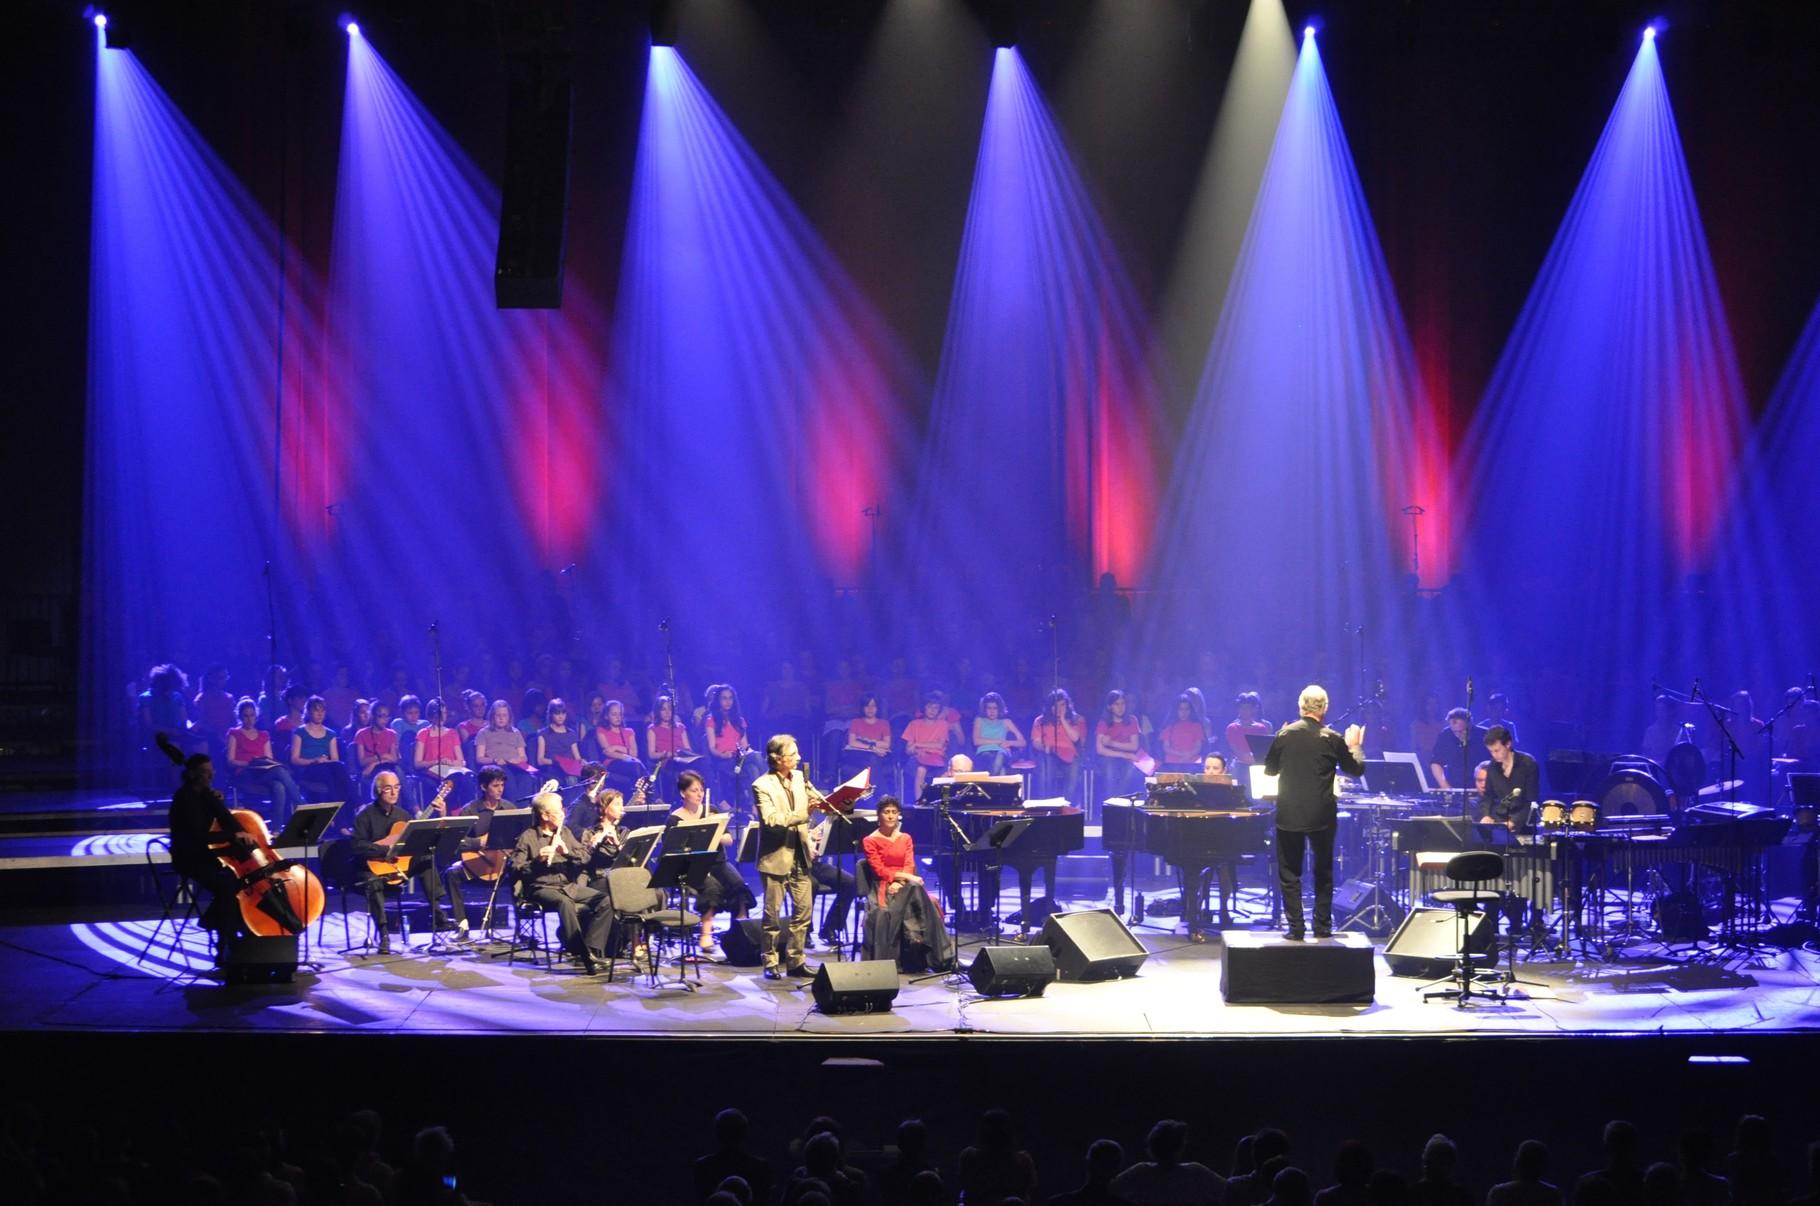 2012 - Canto Général, au Zenith d'Auvergne